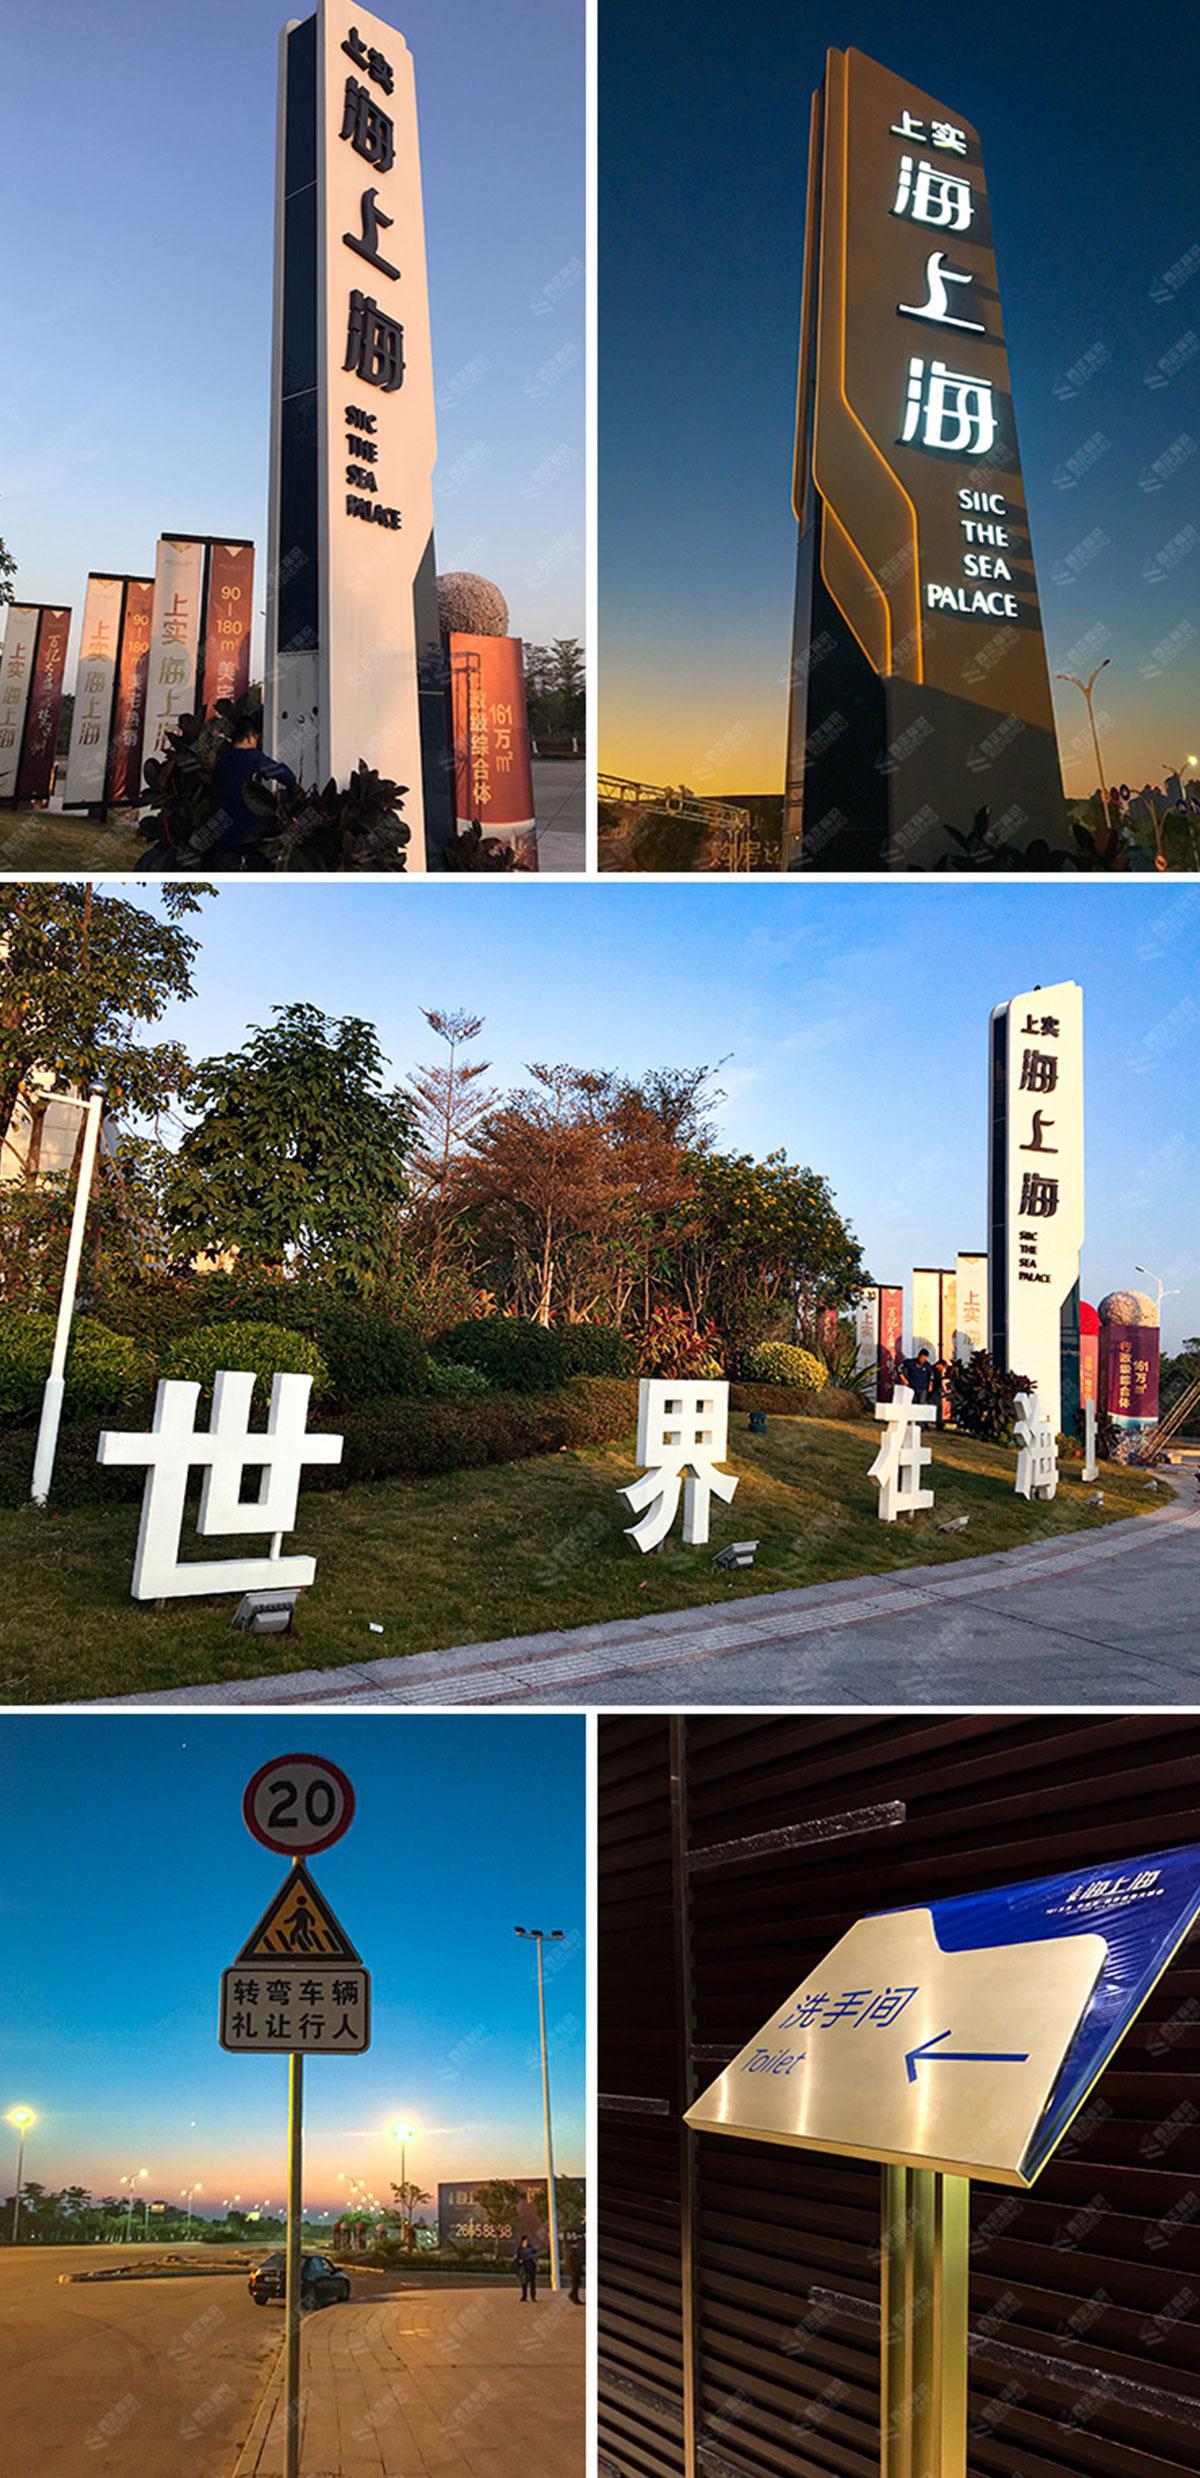 上实·海上海标识导视系统